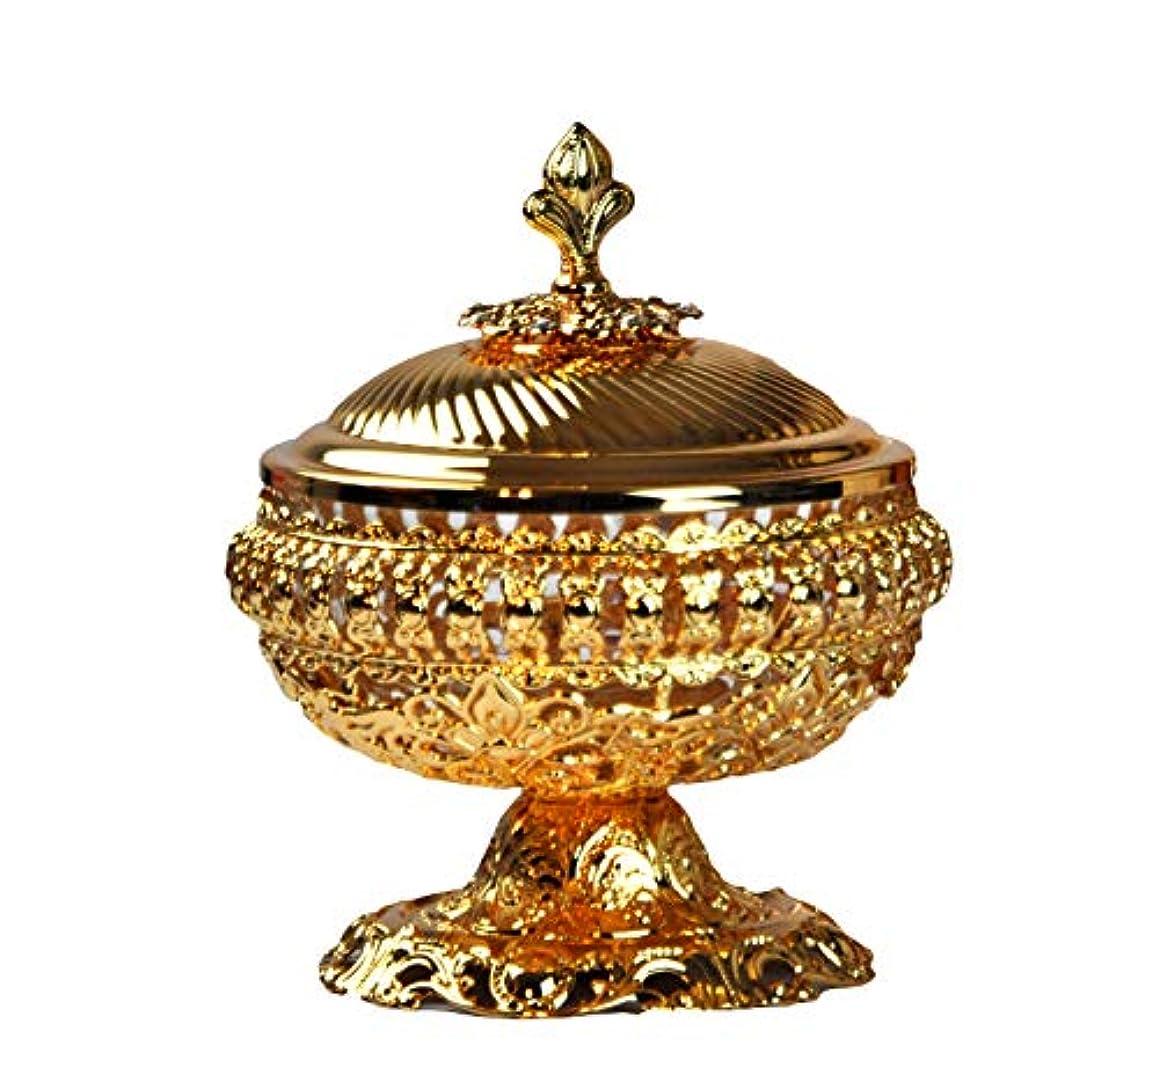 エクステント無駄な私たちのDecorative Bowl to keep hold整理Arabia Bakhoor、チャコール、Oudチップ、Oud Wood、Oudhタブレット、 9inc. シルバー